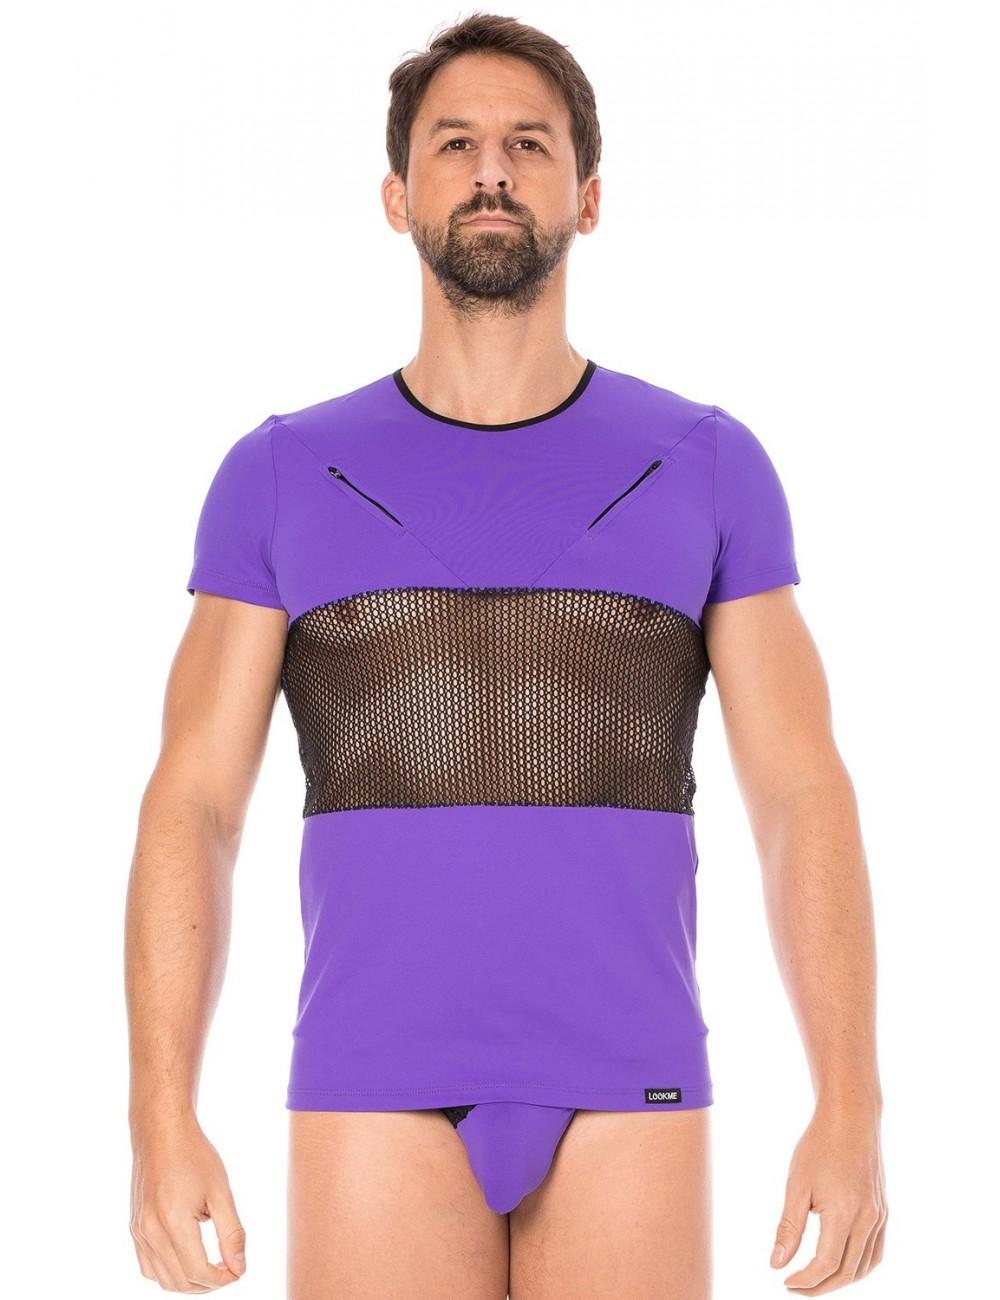 T-shirt violet filet - LM2004-81PUR